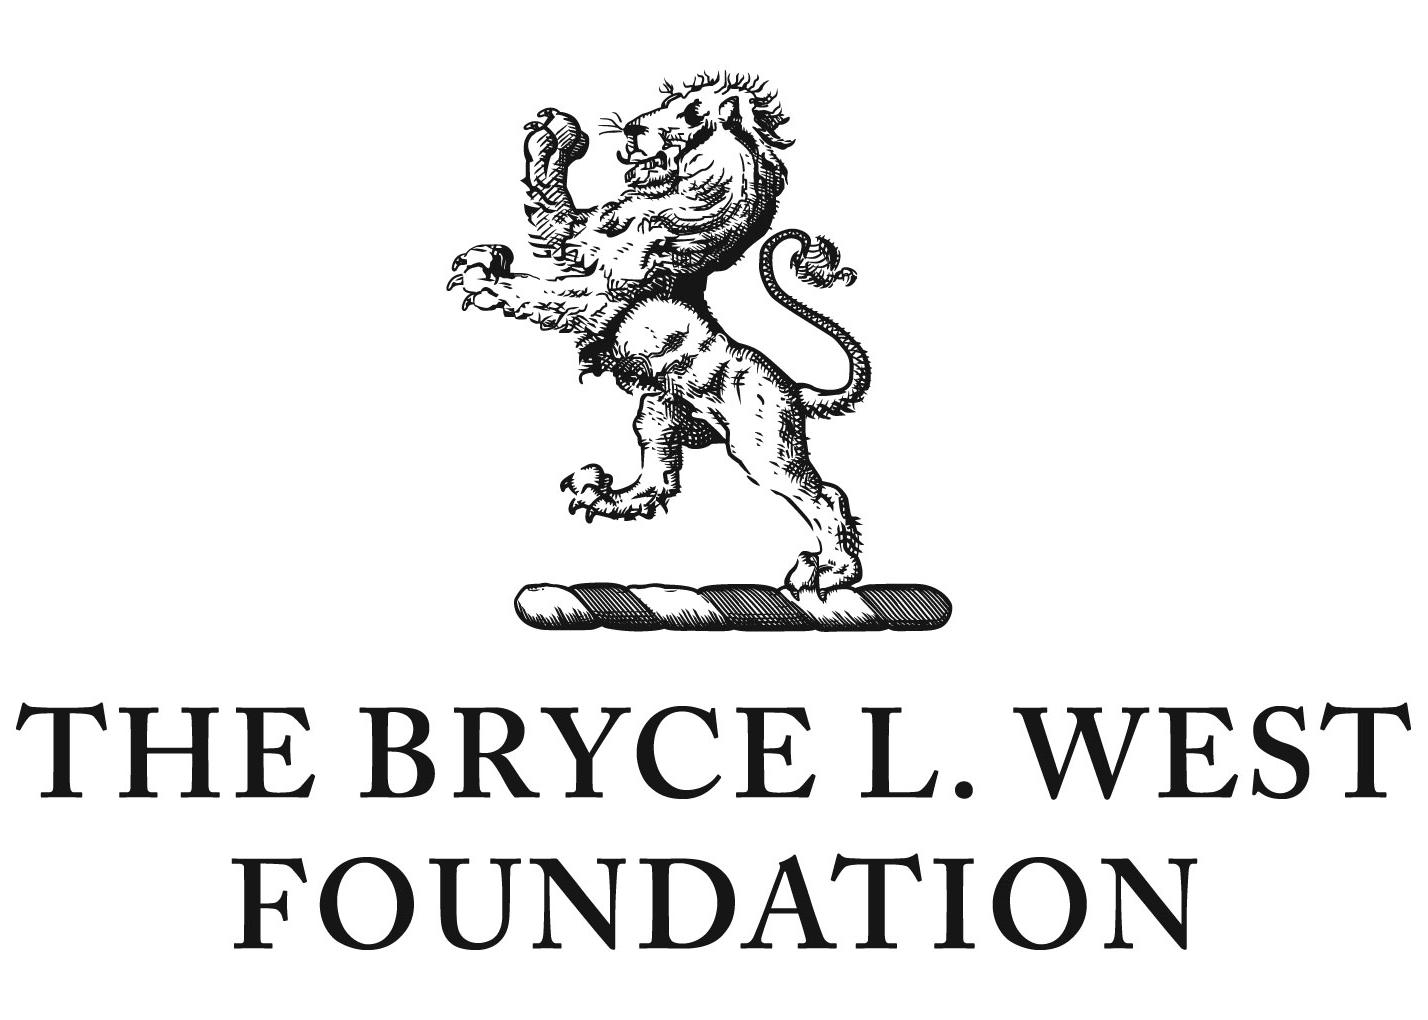 Bryce West foundation Logo.JPG